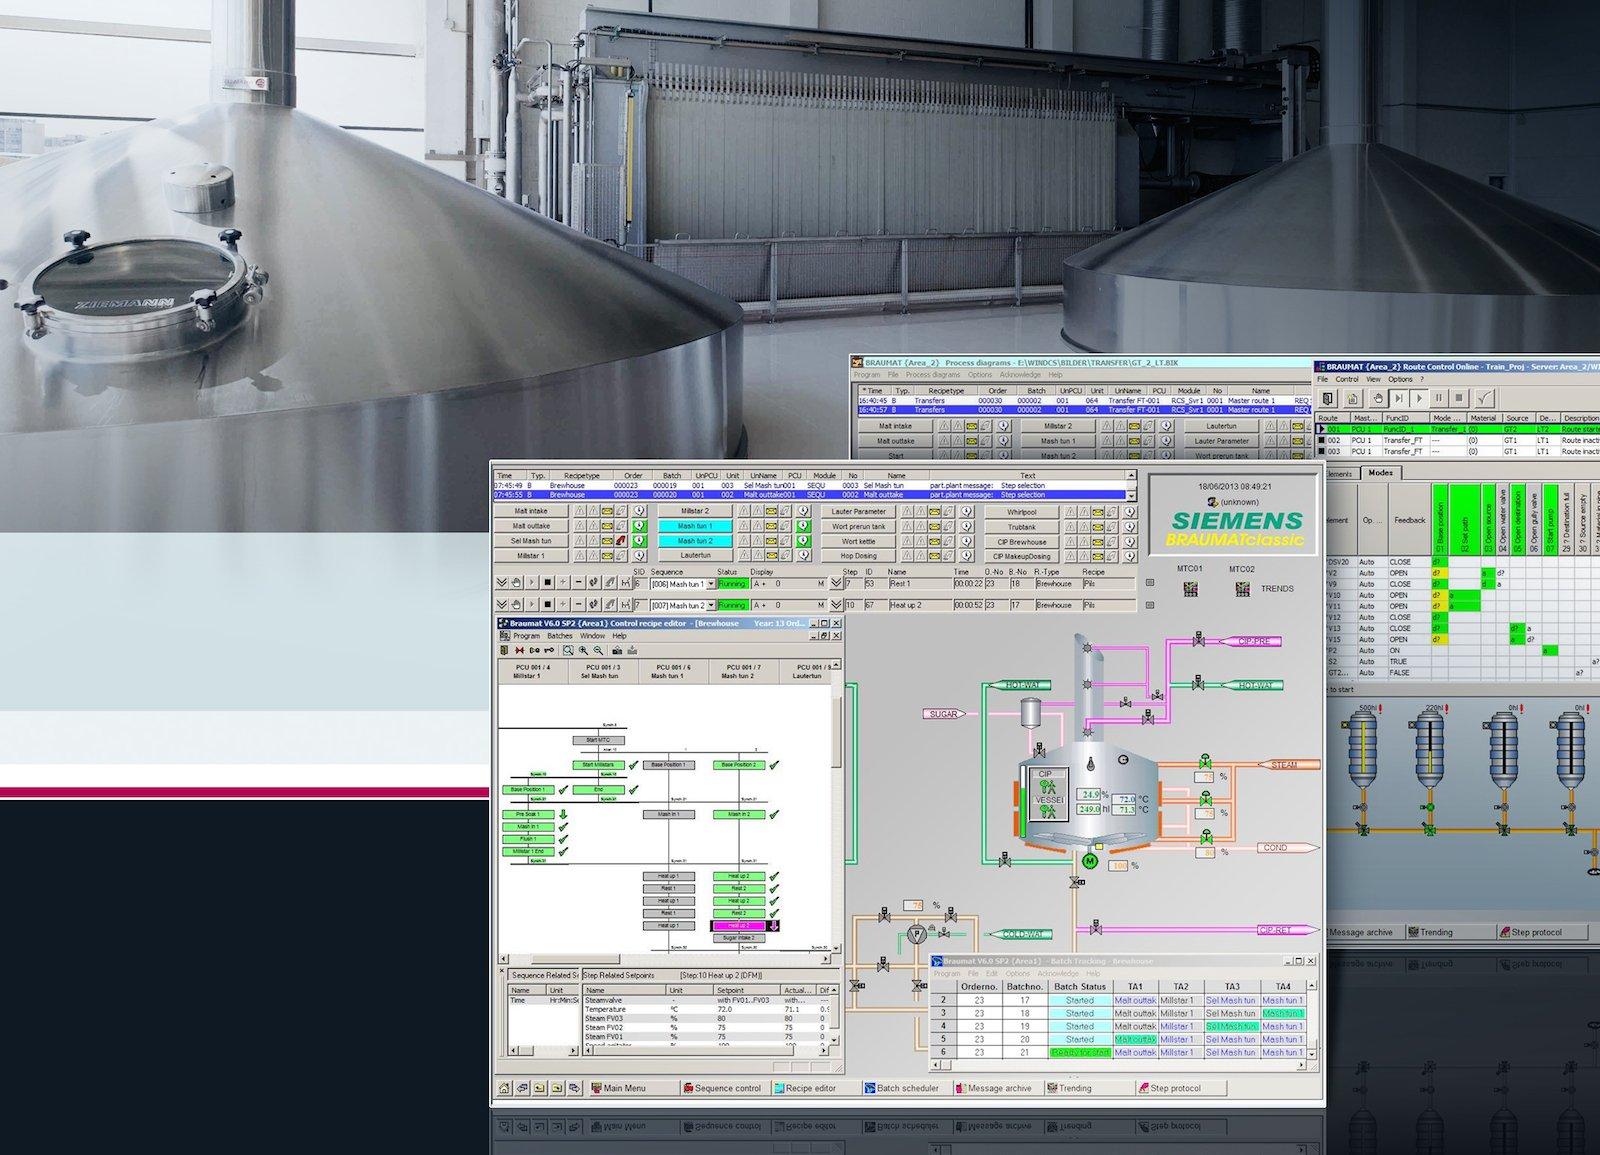 Braumat hat alles beim Bierbrauen im Blick: Die Siemens-Technologie vereint Technik für Energieversorgung, Automatisierung und Prozesssteuerung des gesamten Bierherstellungsprozesses. Das umfasst auch die Abfüllung, Lagerung, Reinigung und die Kühlung. Als Vorteile werden von Siemens Energieeffizienz, Flexibilität in der Produktion und eine konstant hohe Produktqualität genannt.